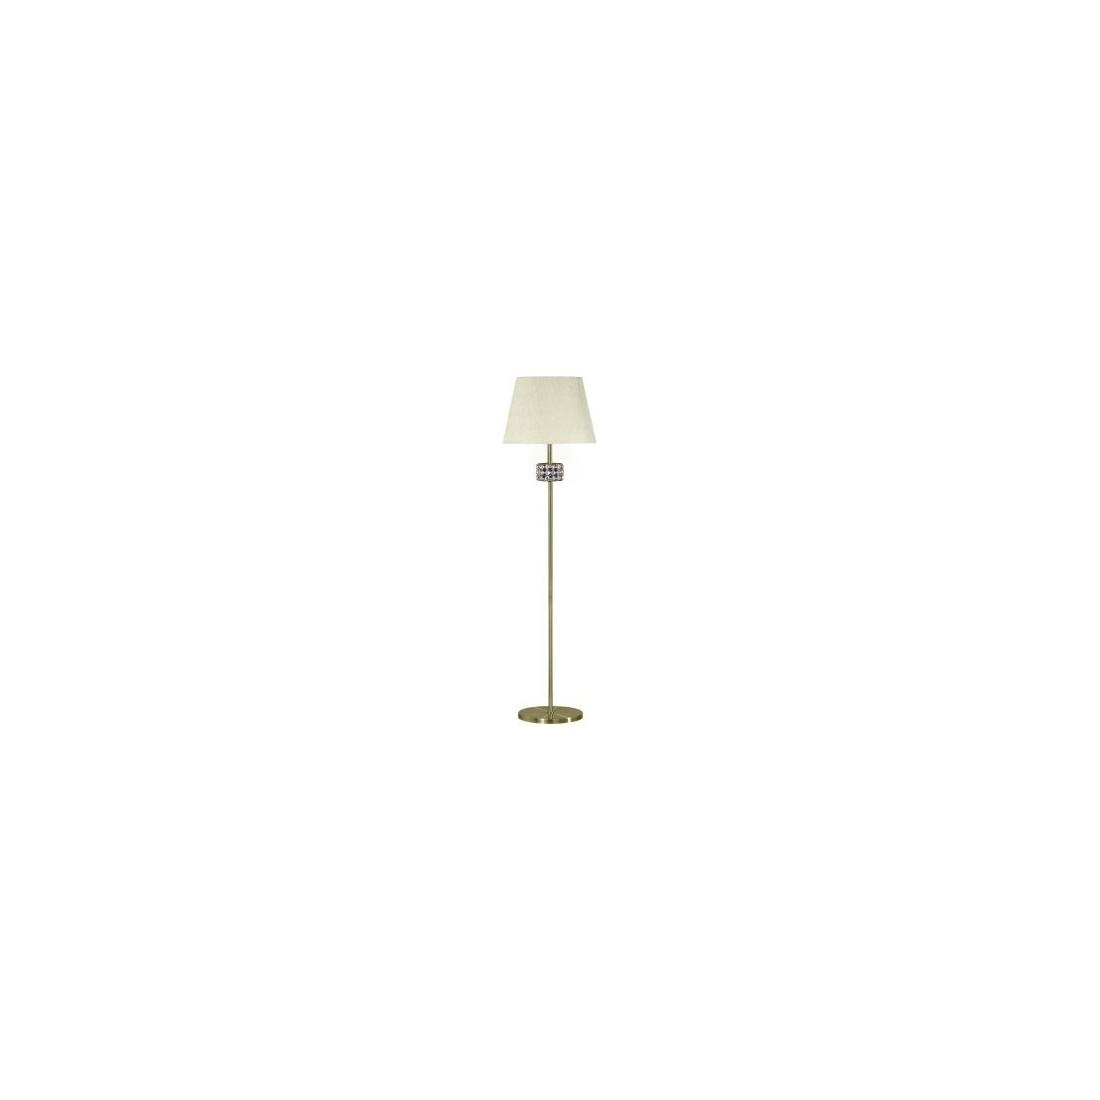 Lamparas colgantes lamparas colgantes online tiendas for Lamparas cocinas rusticas